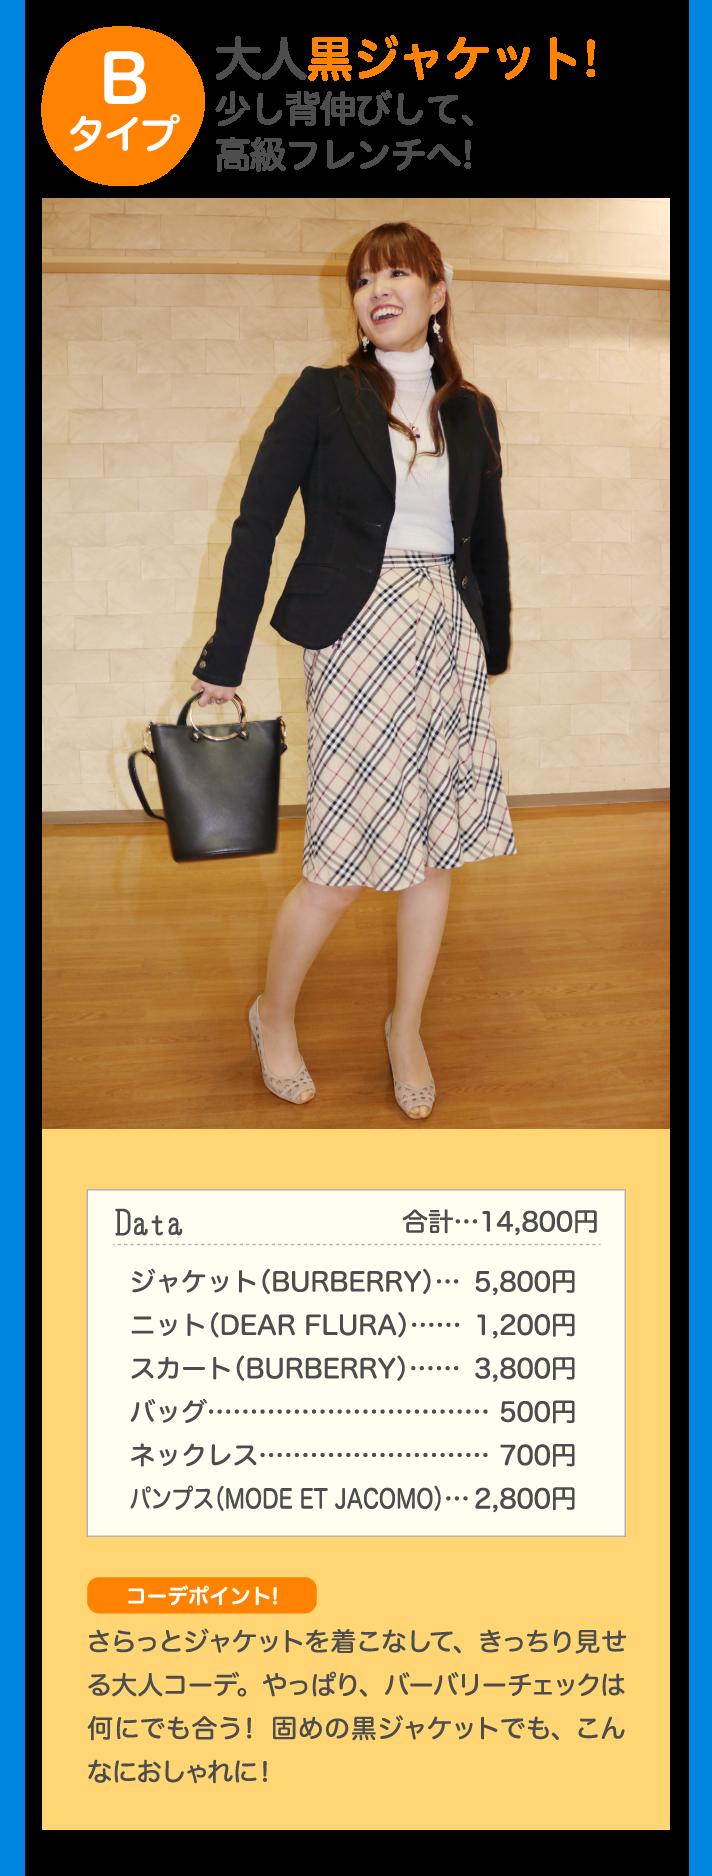 Bタイプ 大人黒ジャケット!少し背伸びして、高級フレンチへ! Data 合計…14,800円 ジャケット(BURBERRY)…5,800円 ニット(DEAR FLURA)…1,200円 スカート(BURBERRY)…3,800円 バッグ…500円 ネックレス…500円 パンプス(MODE ET JACOMO)…2,800円 コーデポイント♪ さらっとジャケットを着こなして、きっちり見せる大人コーデ。やっぱり、バーバリーチェックは何にでも合う! 固めの黒ジャケットでも、こんなにおしゃれに!